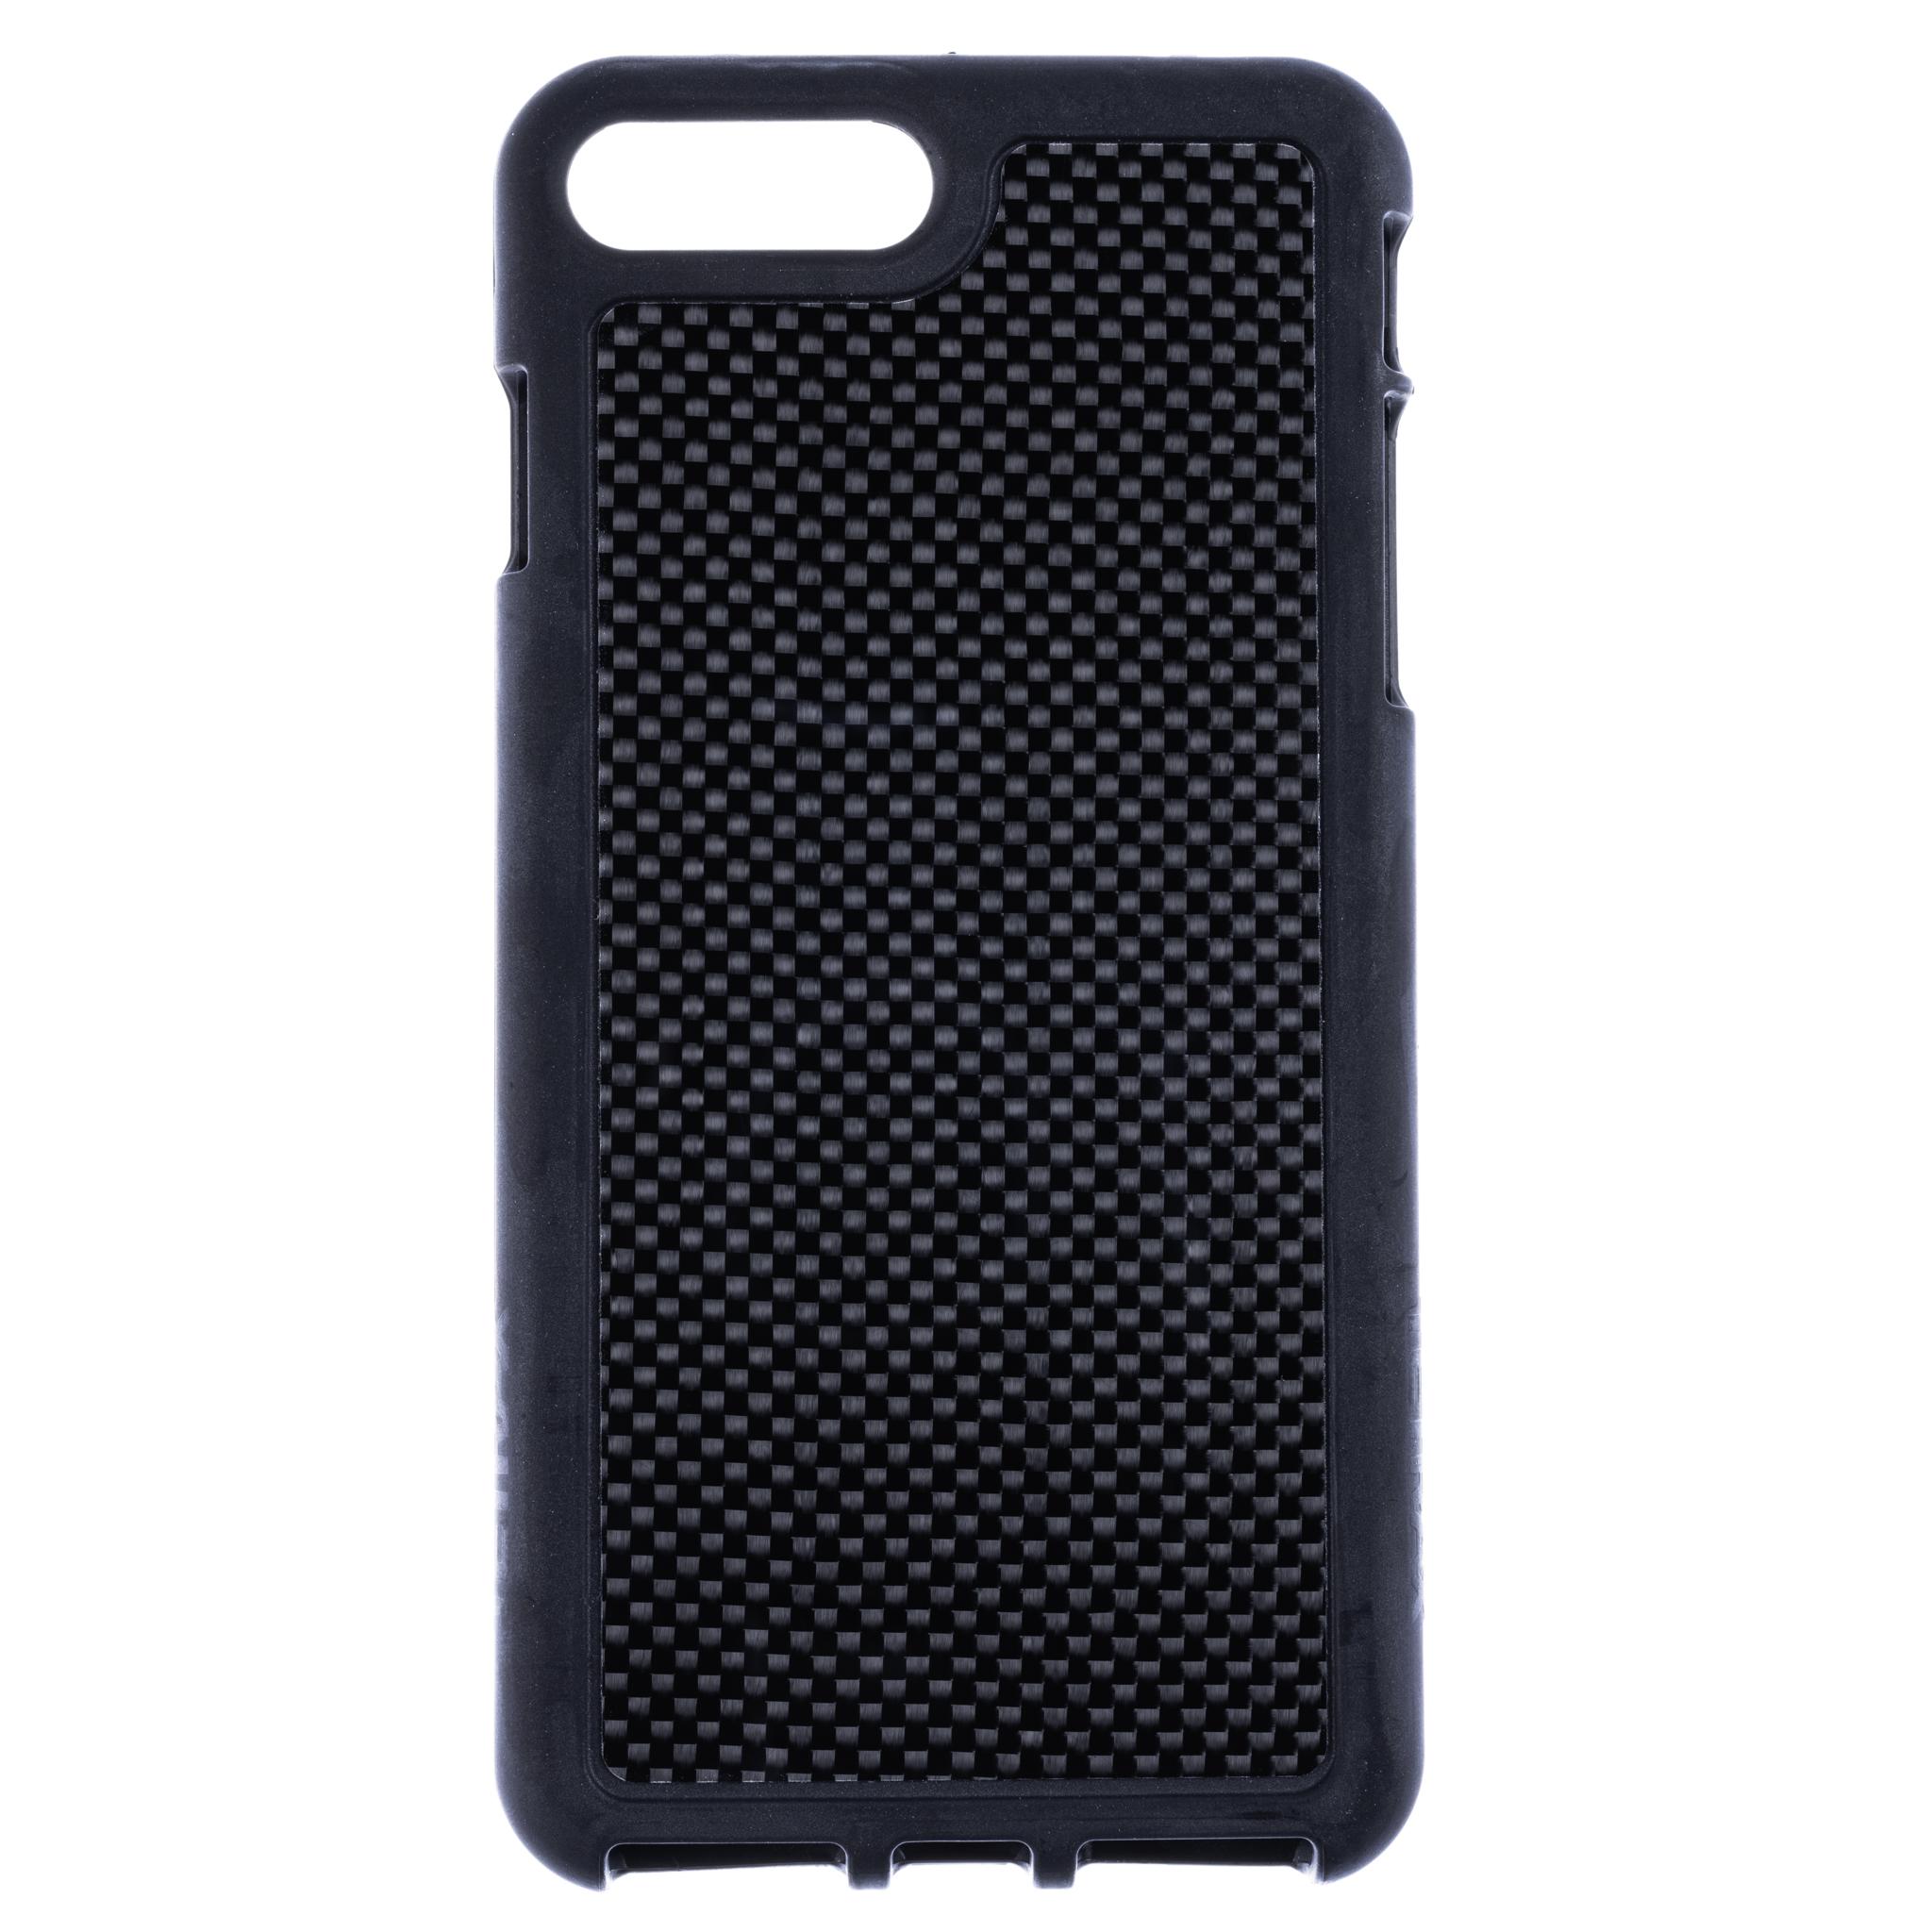 iPhone 7 Plus Carbon Fibre Case